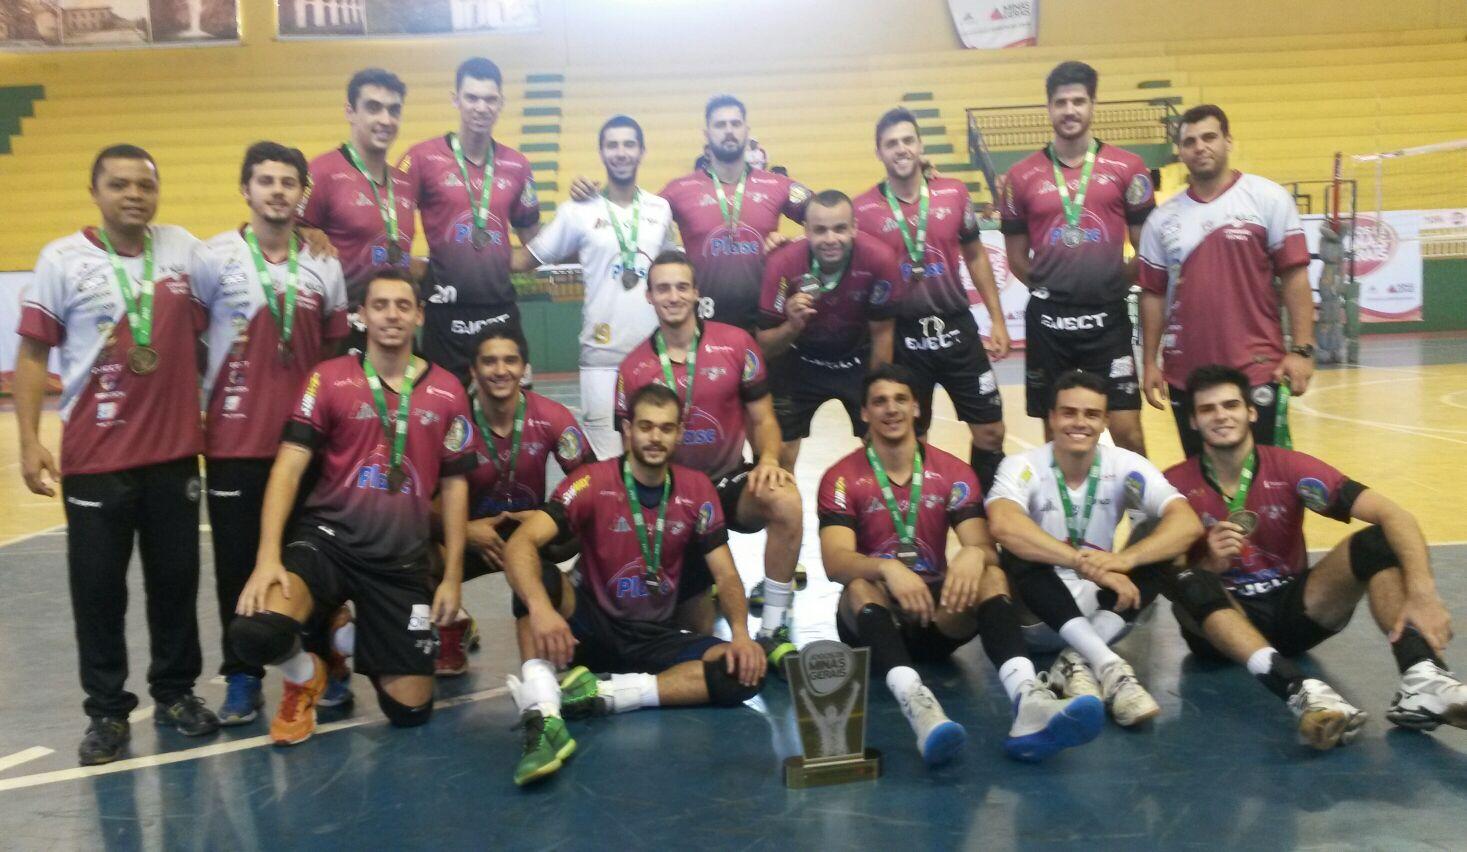 Vôlei masculino e handebol masculino de Juiz de Fora são campeões da Fase Estadual dos Jogos de Minas